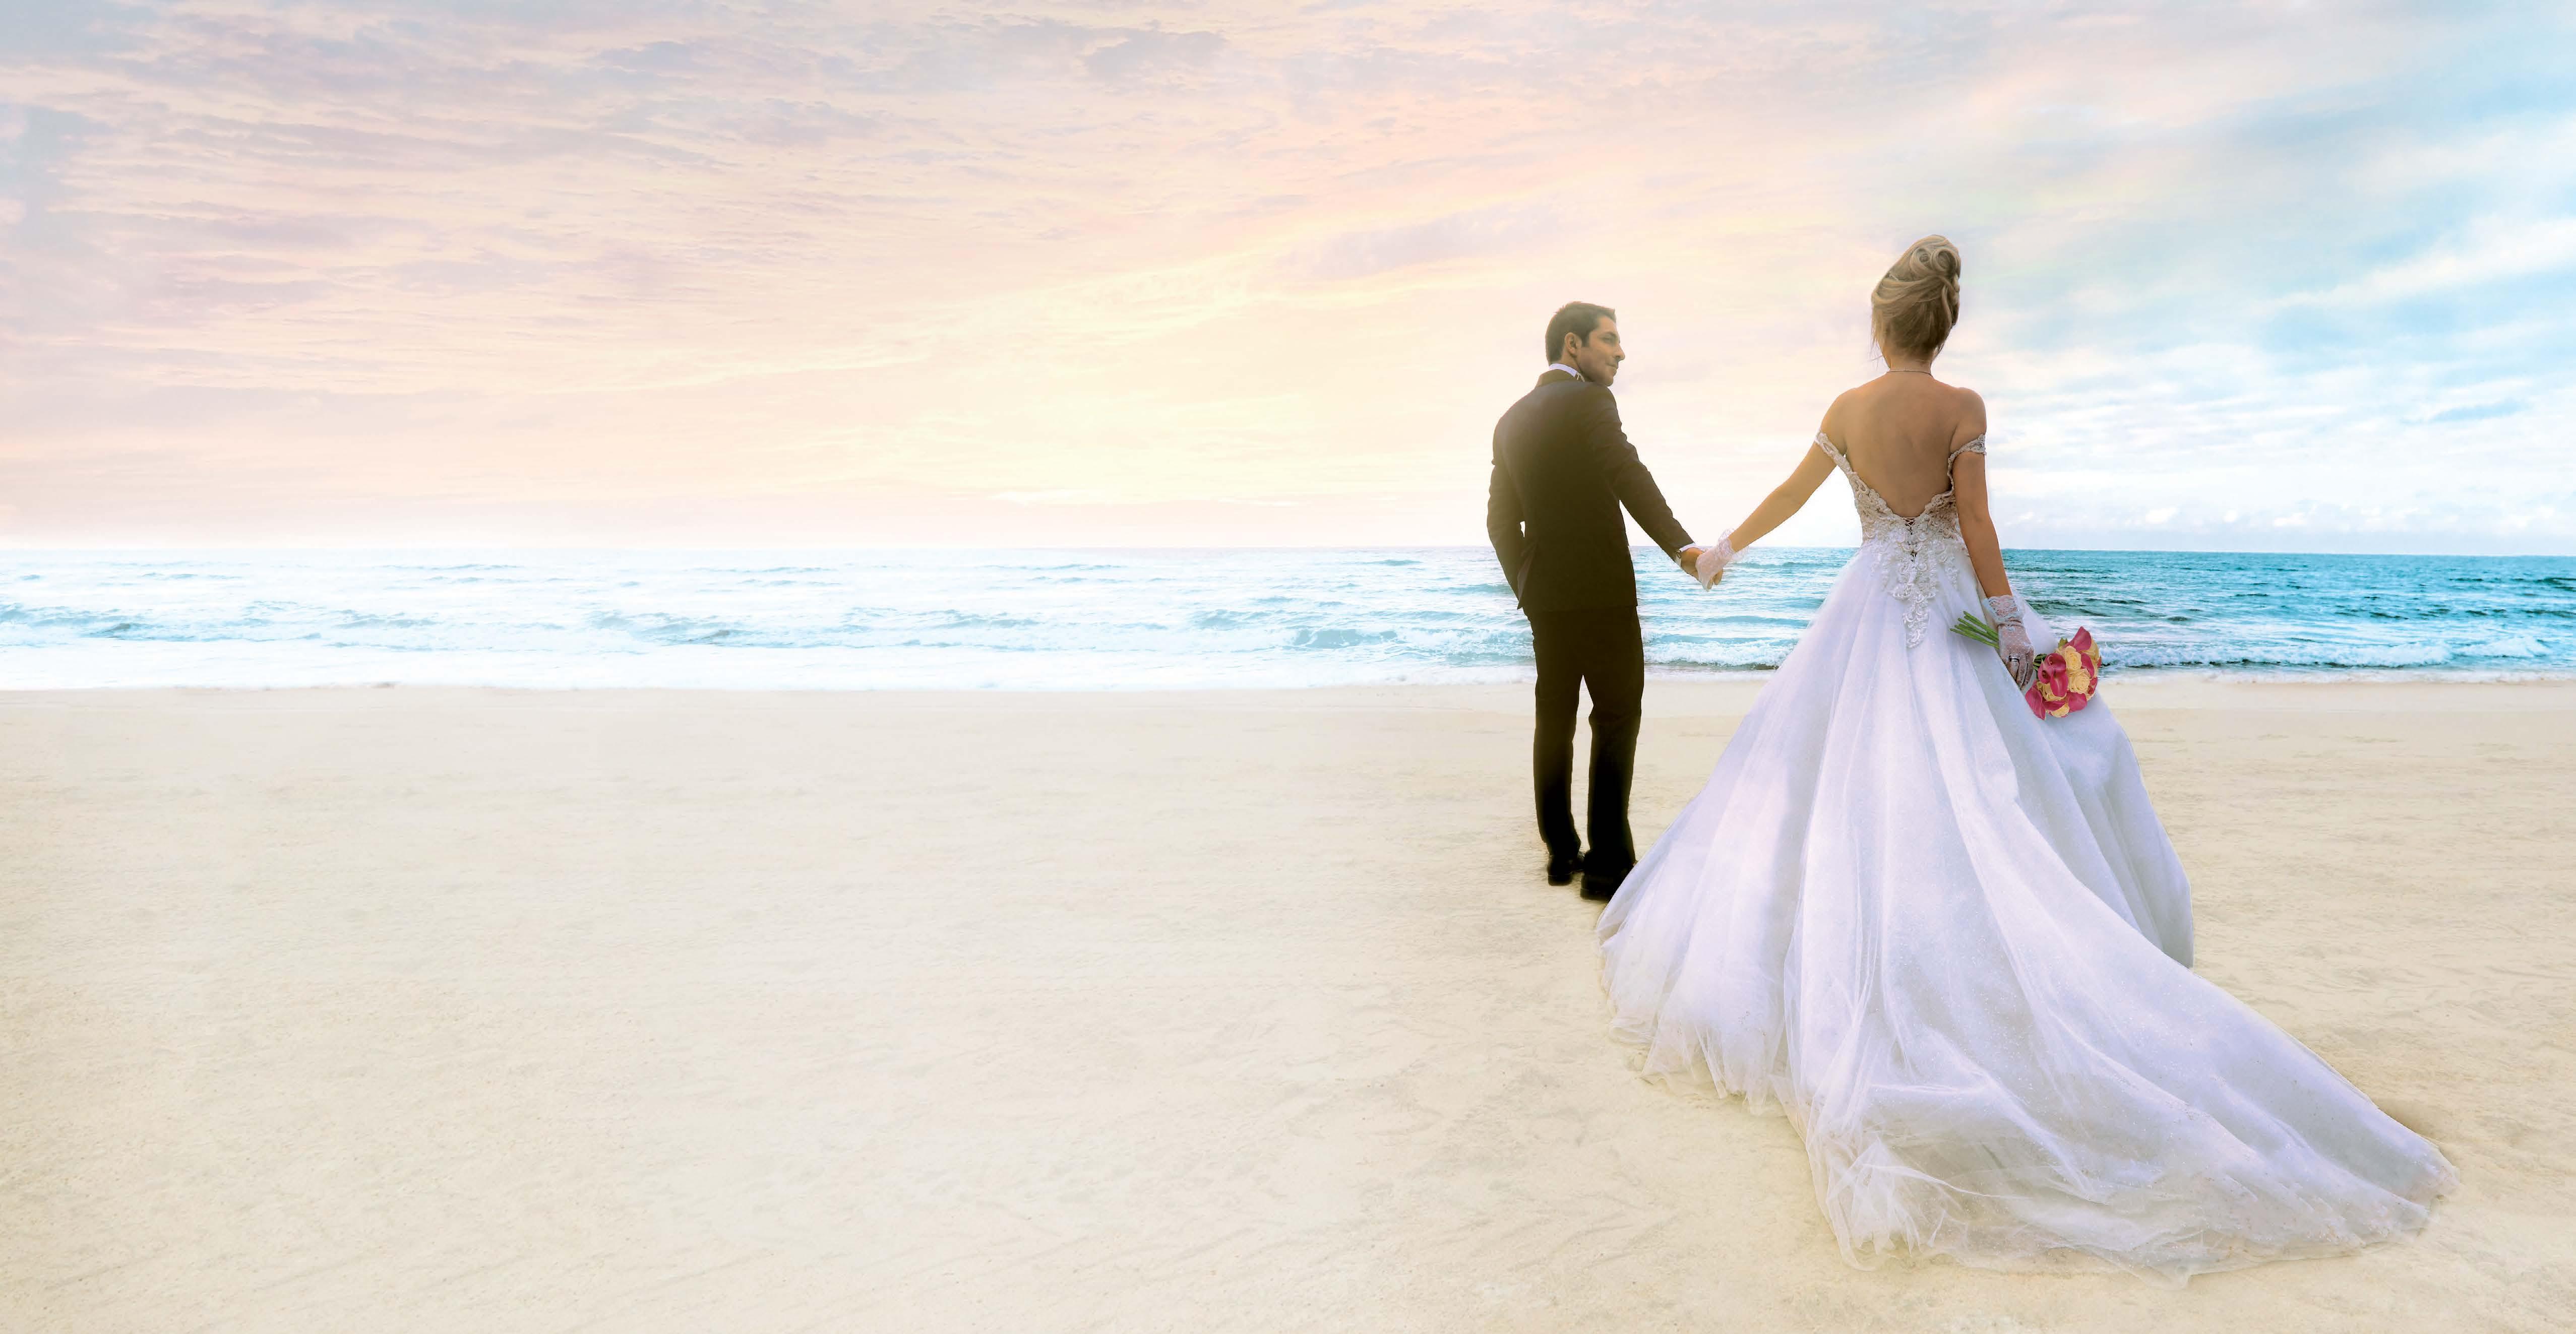 Wedding Groups Exclusive Destination Vows Offer